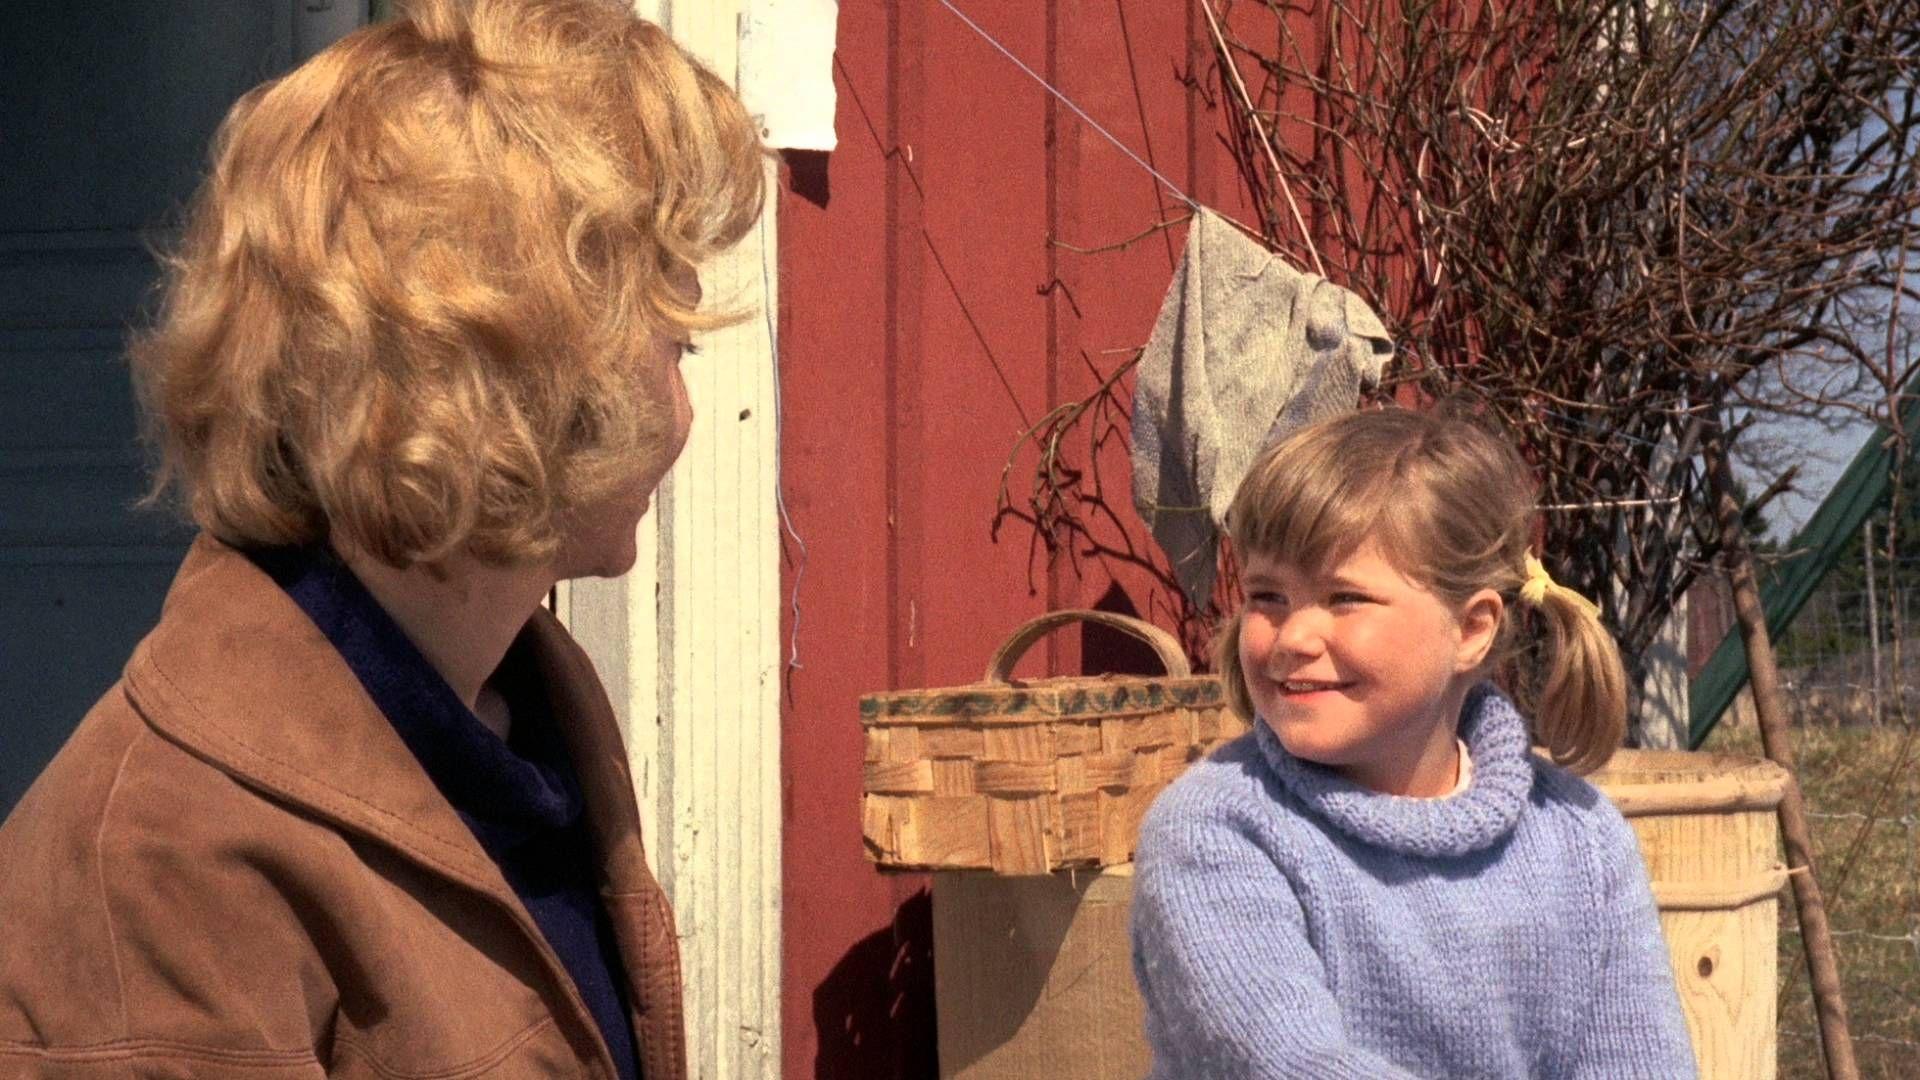 Saariston lapset ja hylje (puhuttu suomeksi) - Trailer